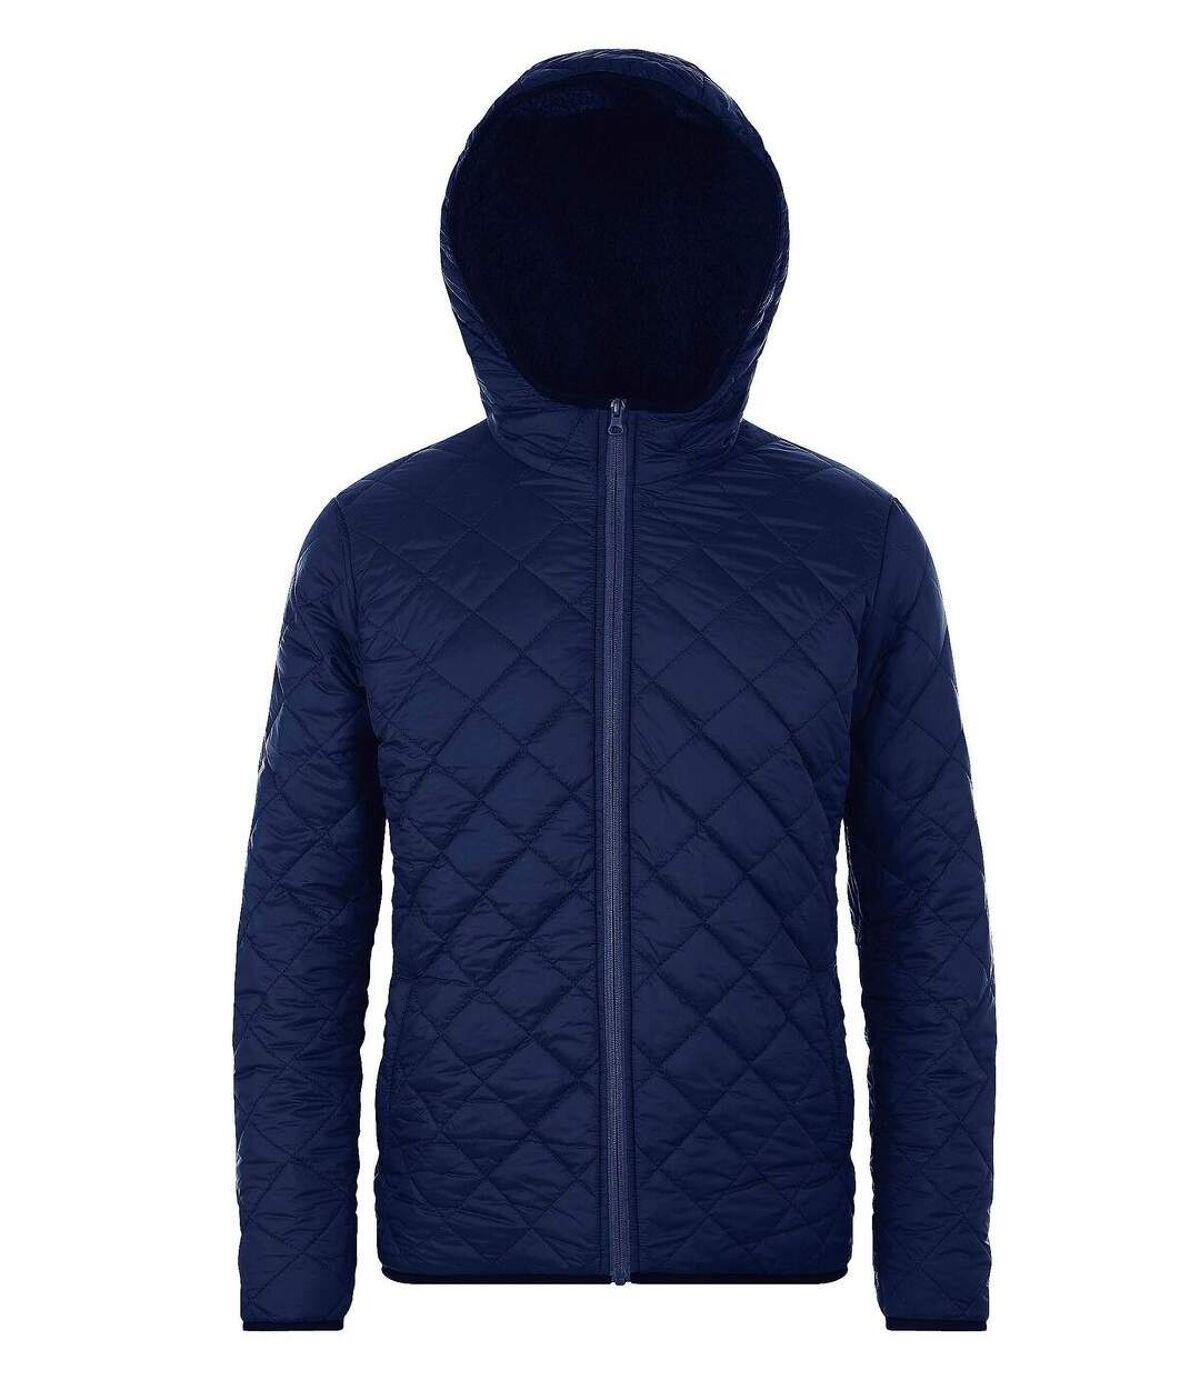 Parka à capuche doublée sherpa - 01615 - bleu - unisexe